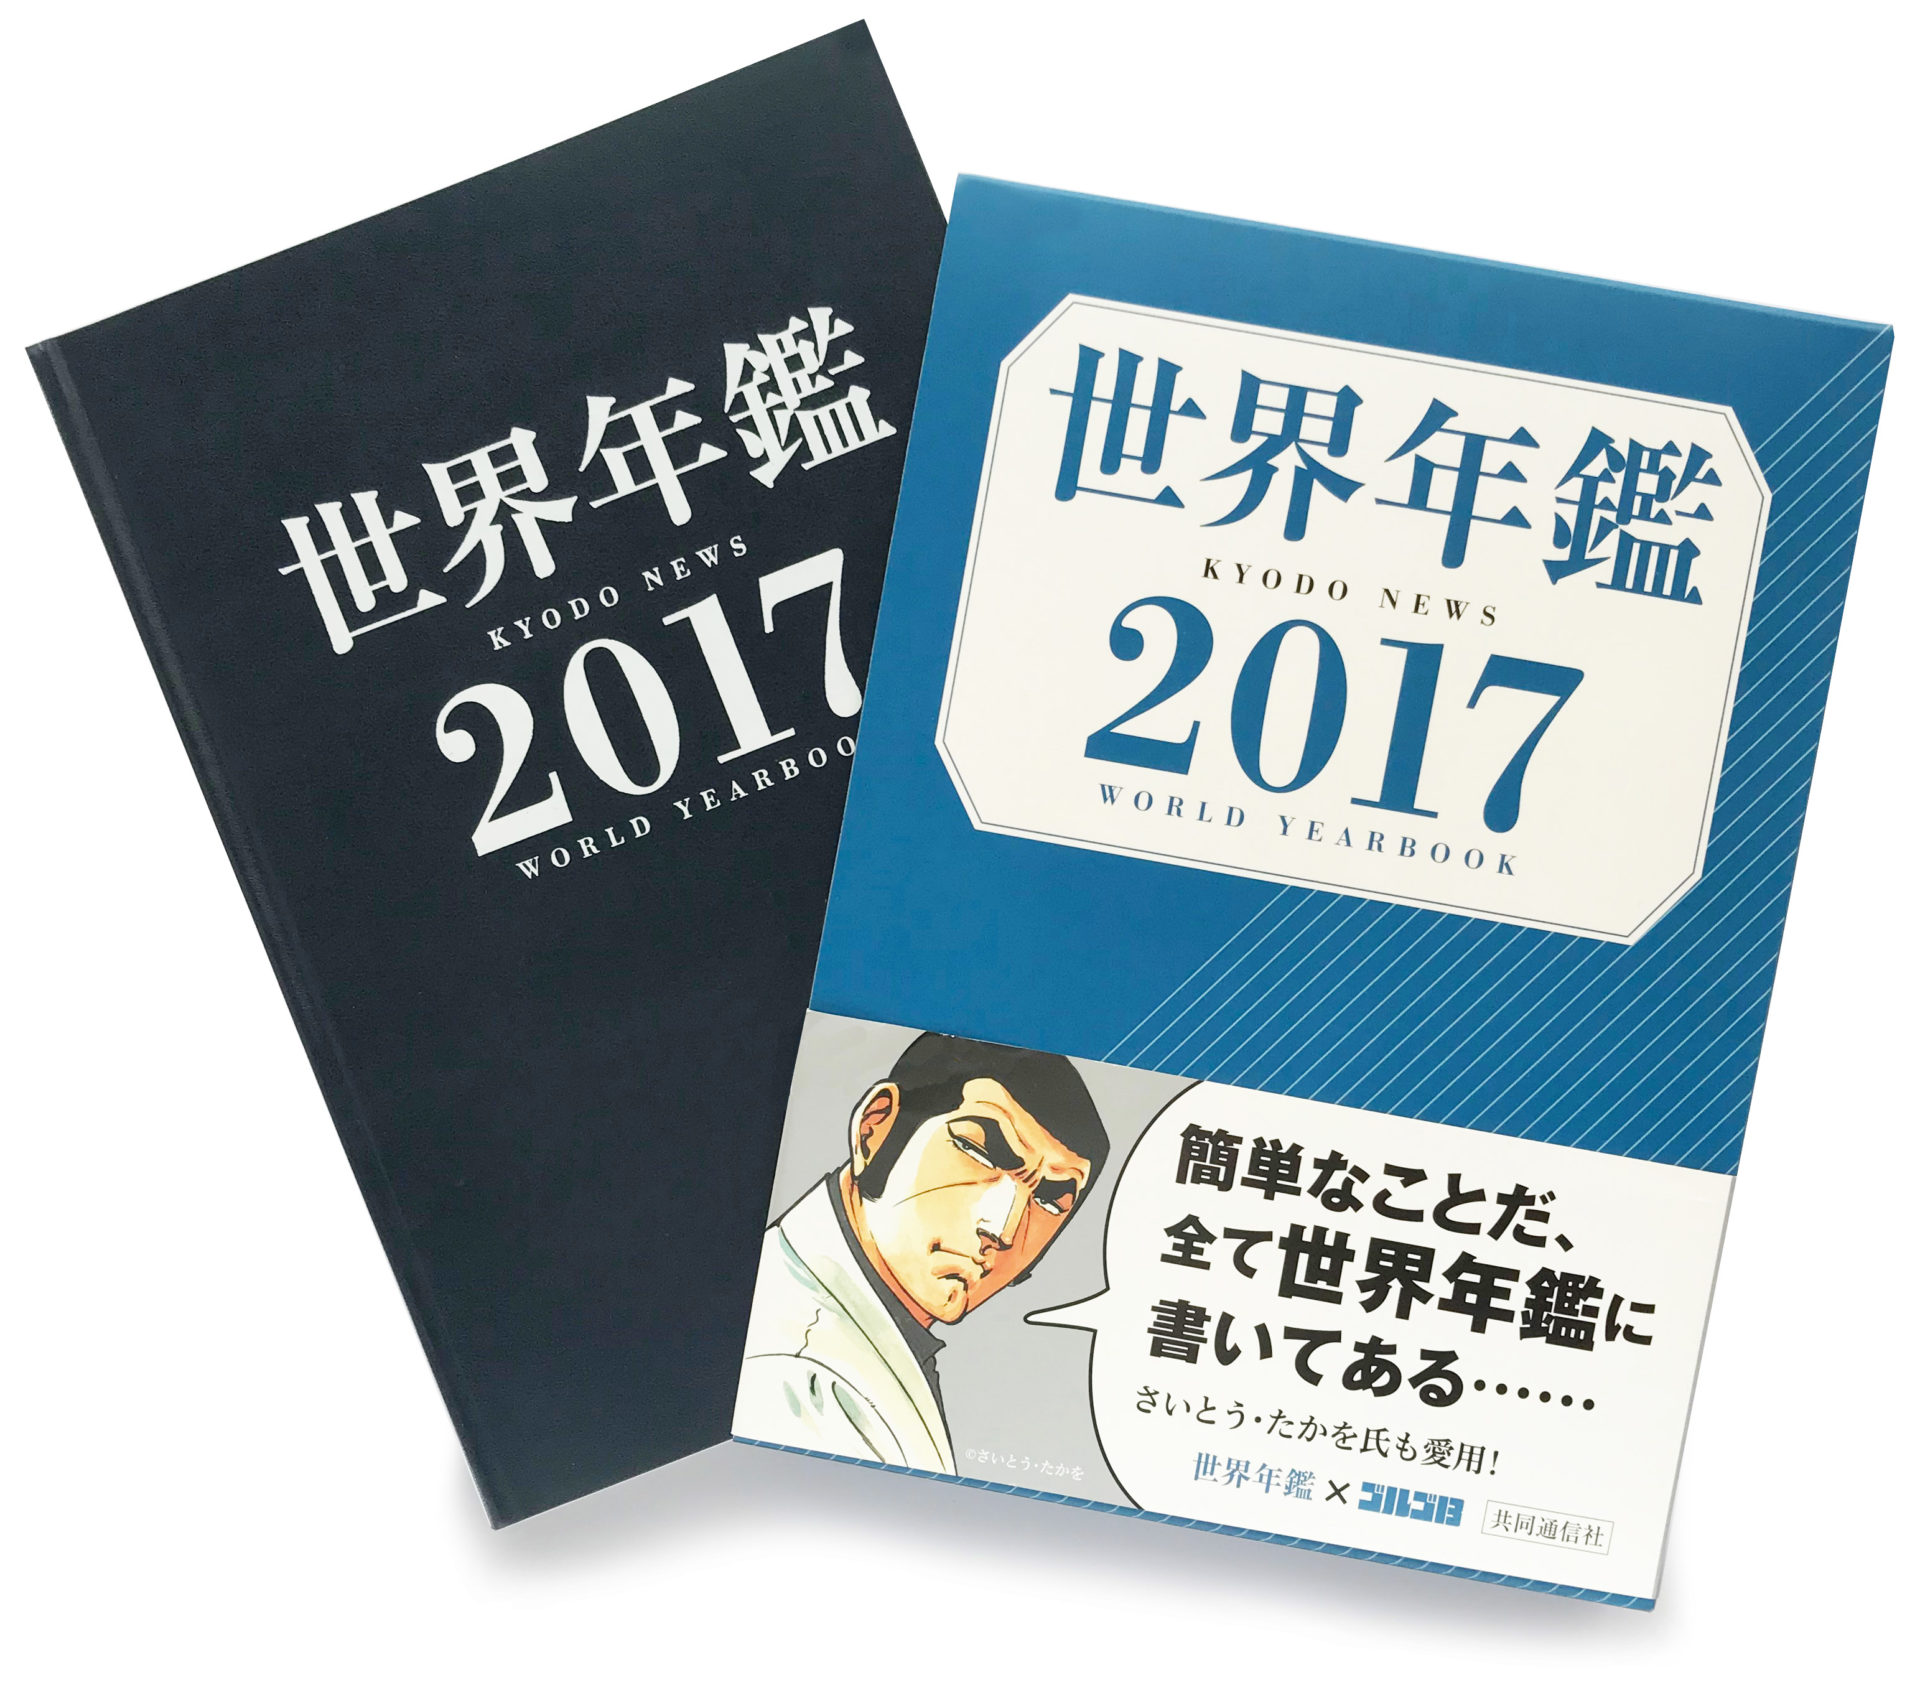 『世界年鑑 2017』